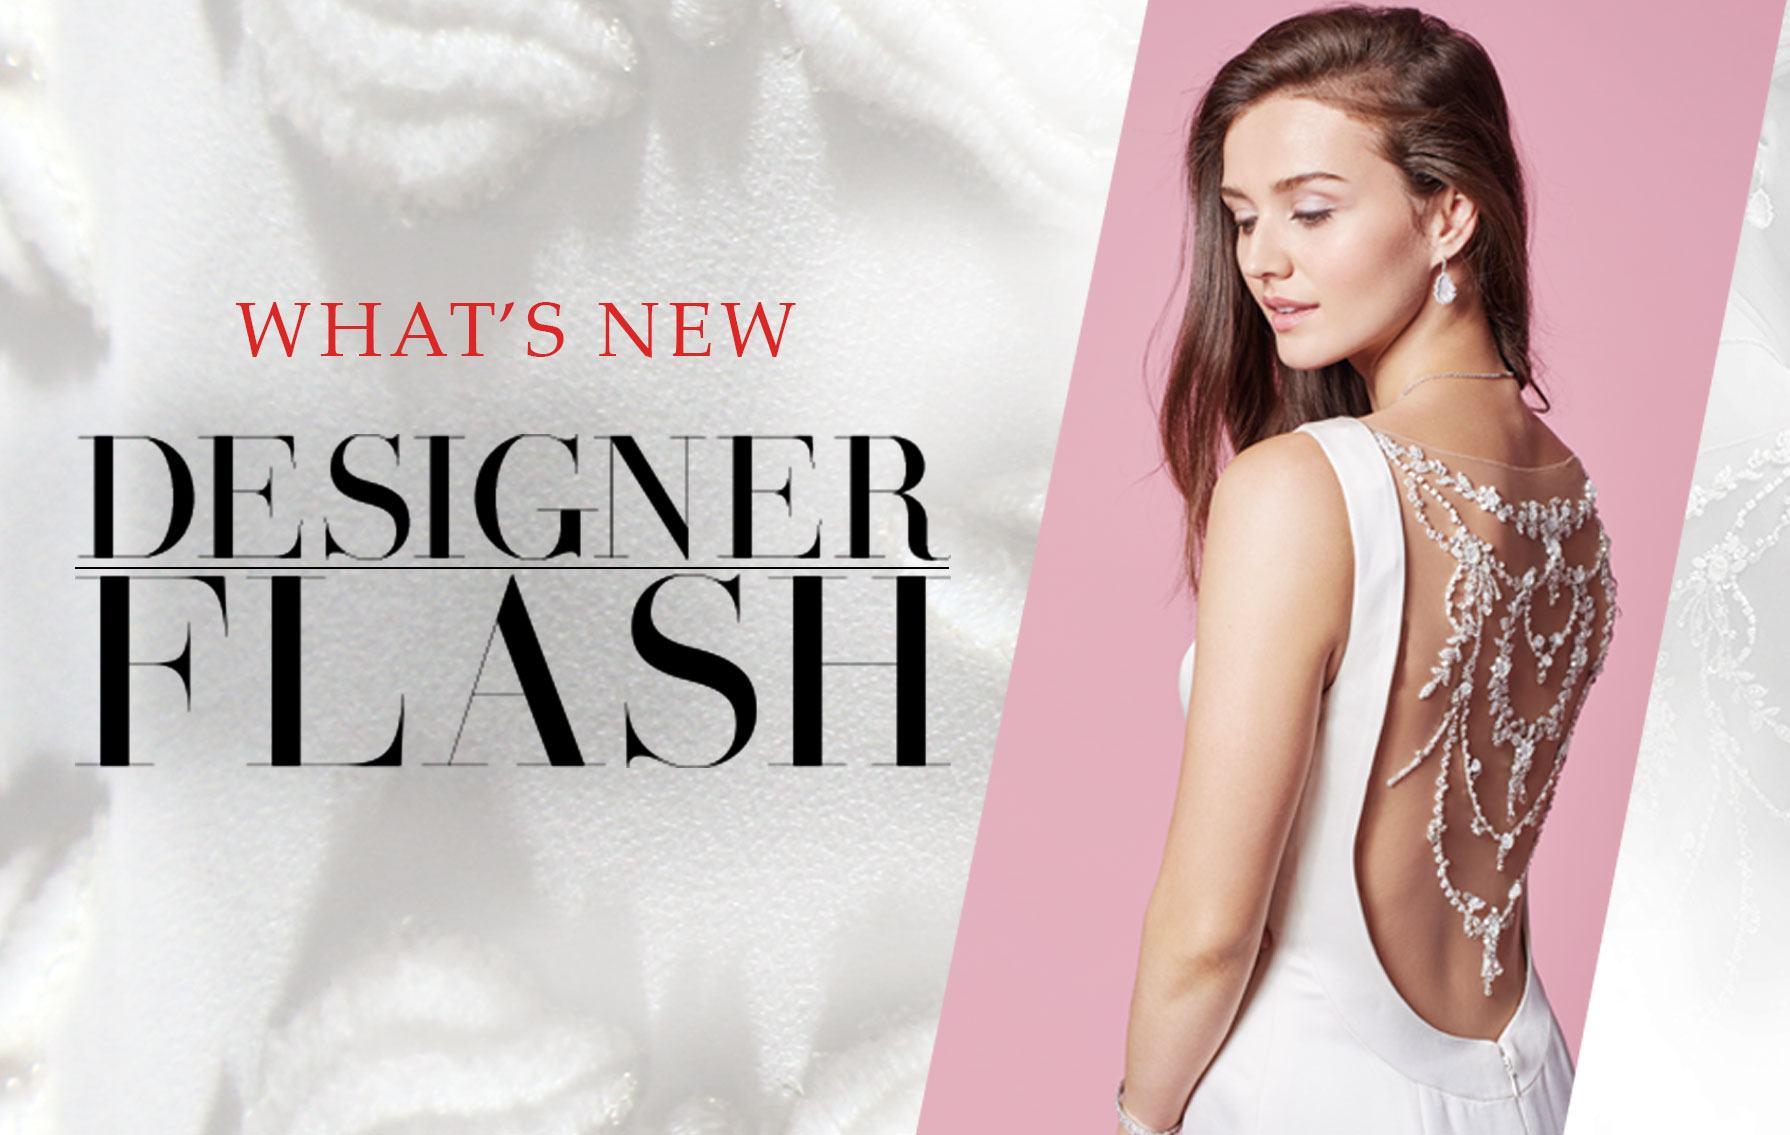 Designer Flash Badgley Mischka